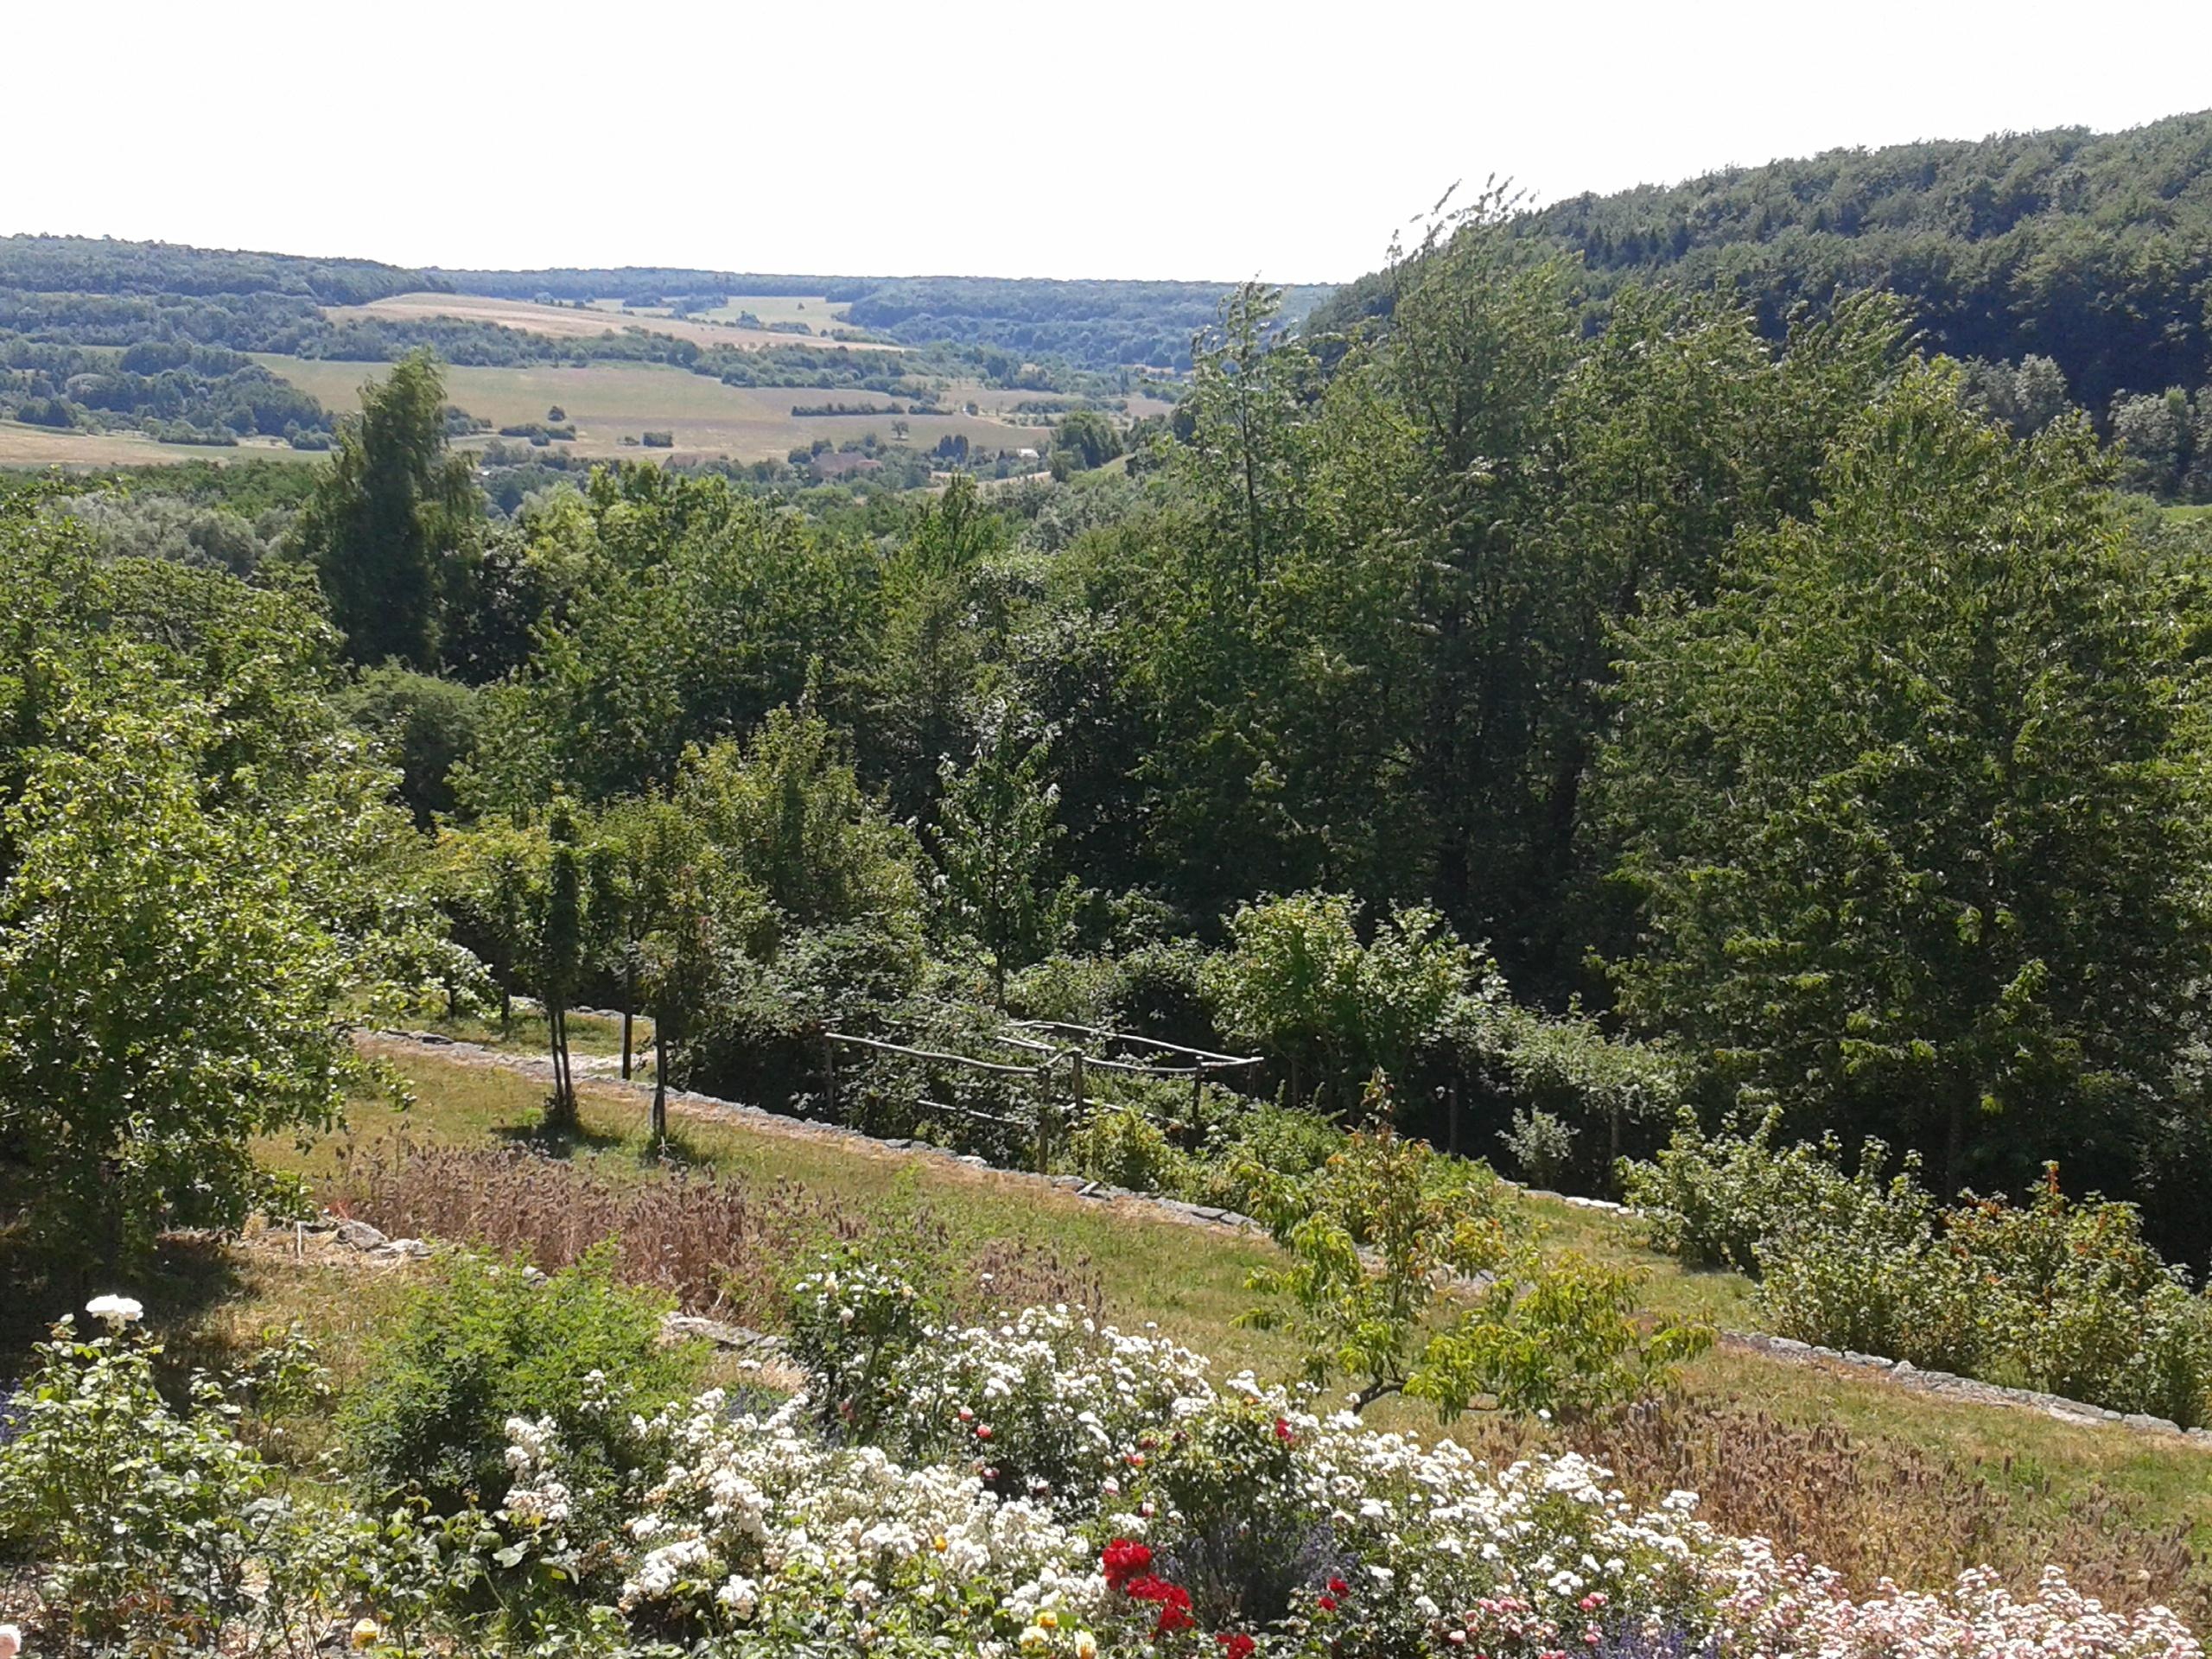 Blick auf den Garten von Haus Lochfeld - ein Garten mit Geschichte